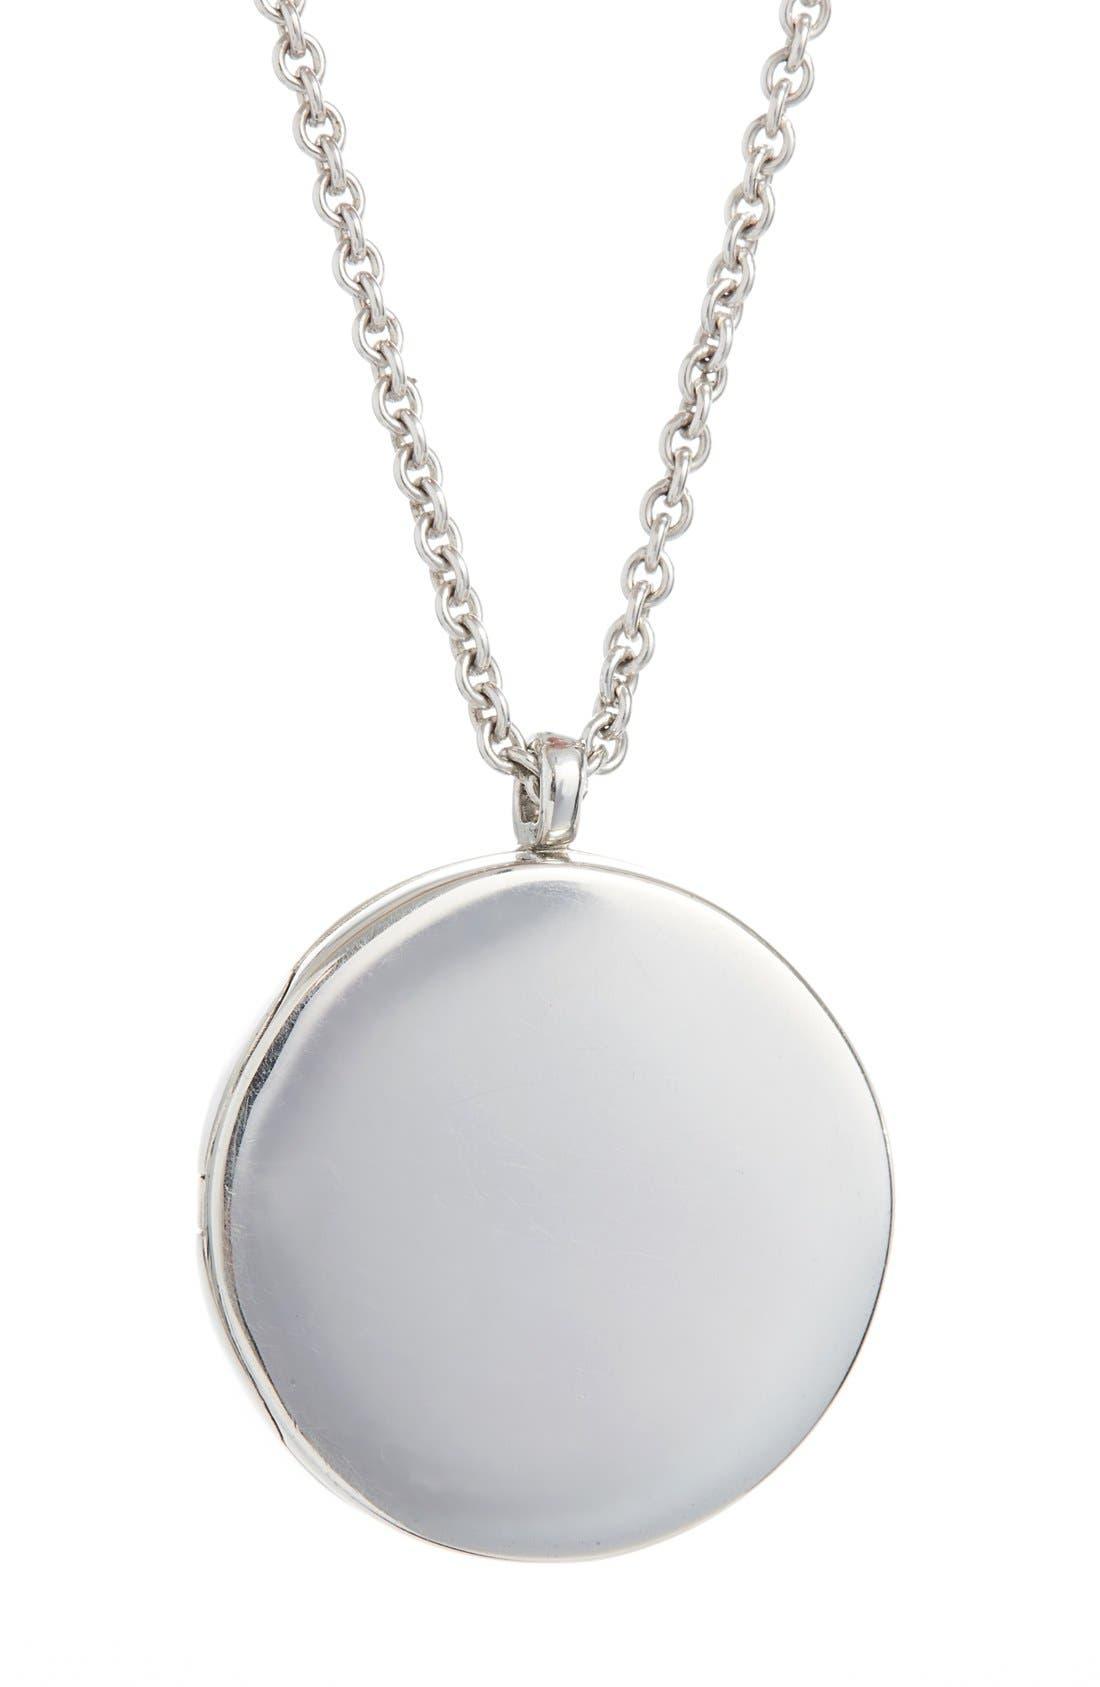 Main Image - Tom Wood Large Medallion Pendant Necklace